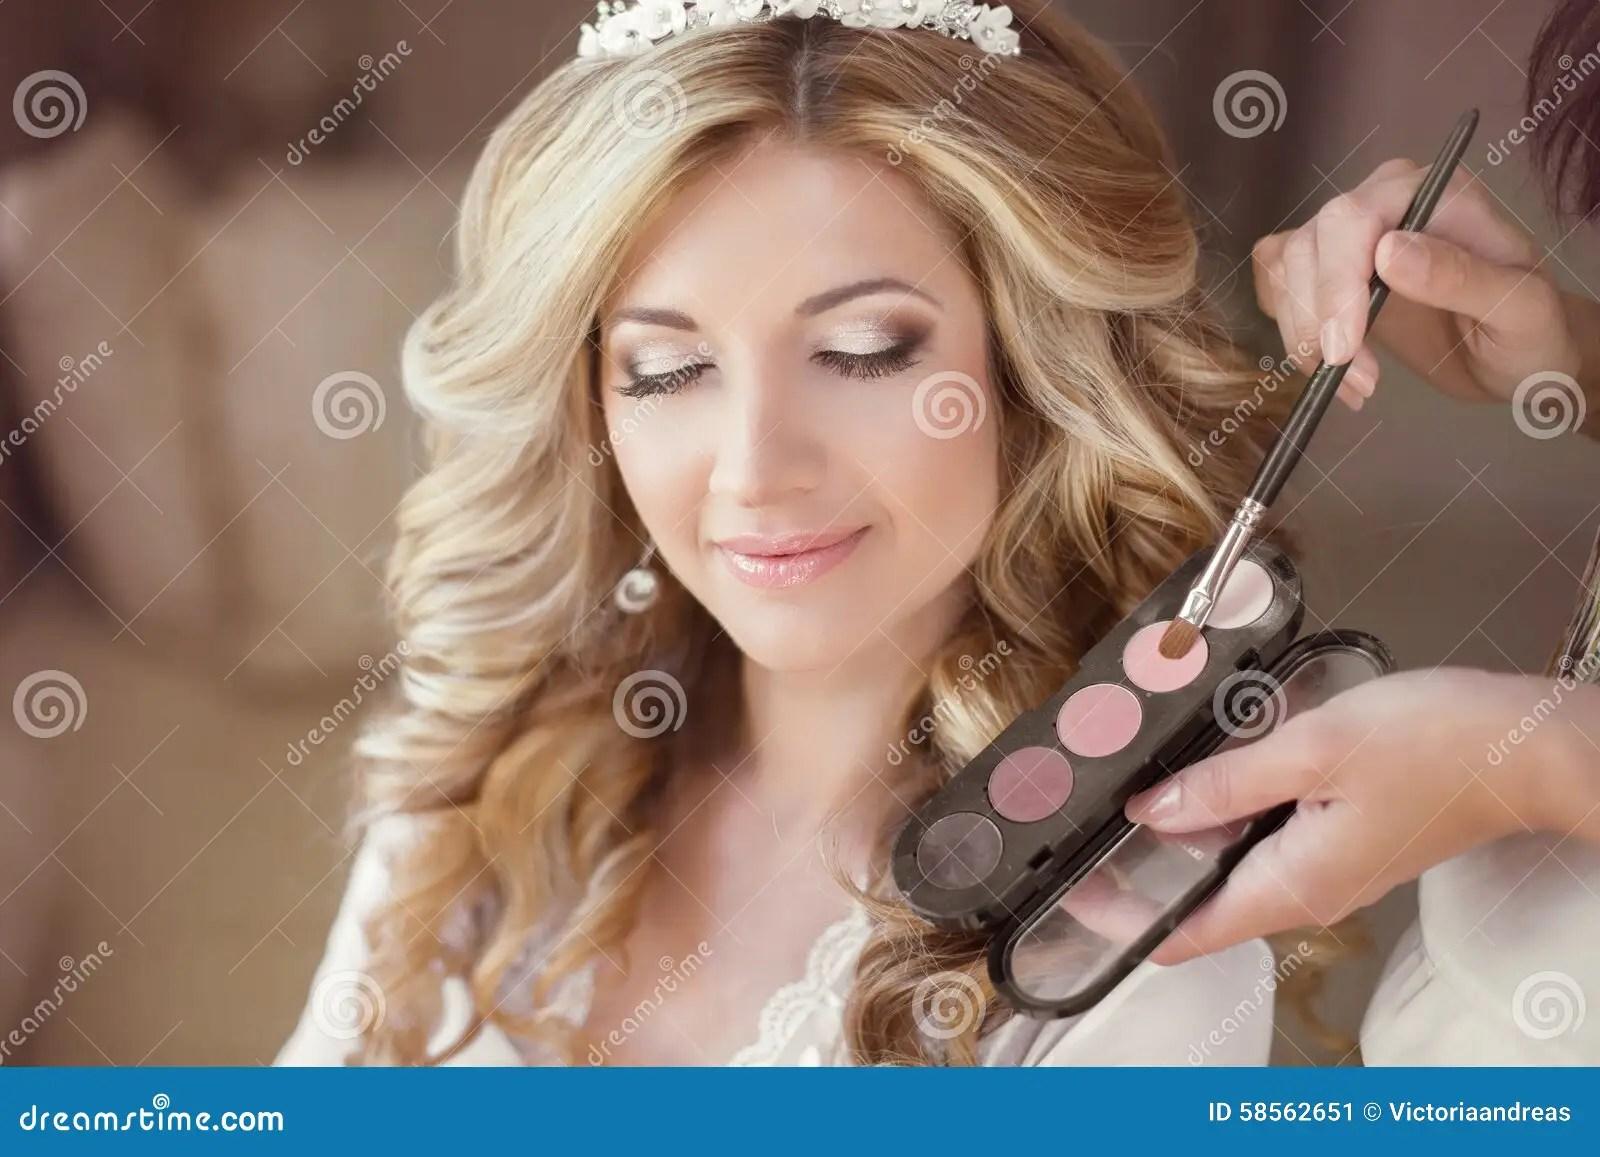 Wunderschone Hochzeit Make Up Frisur Ideen Fur Jede Braut Make